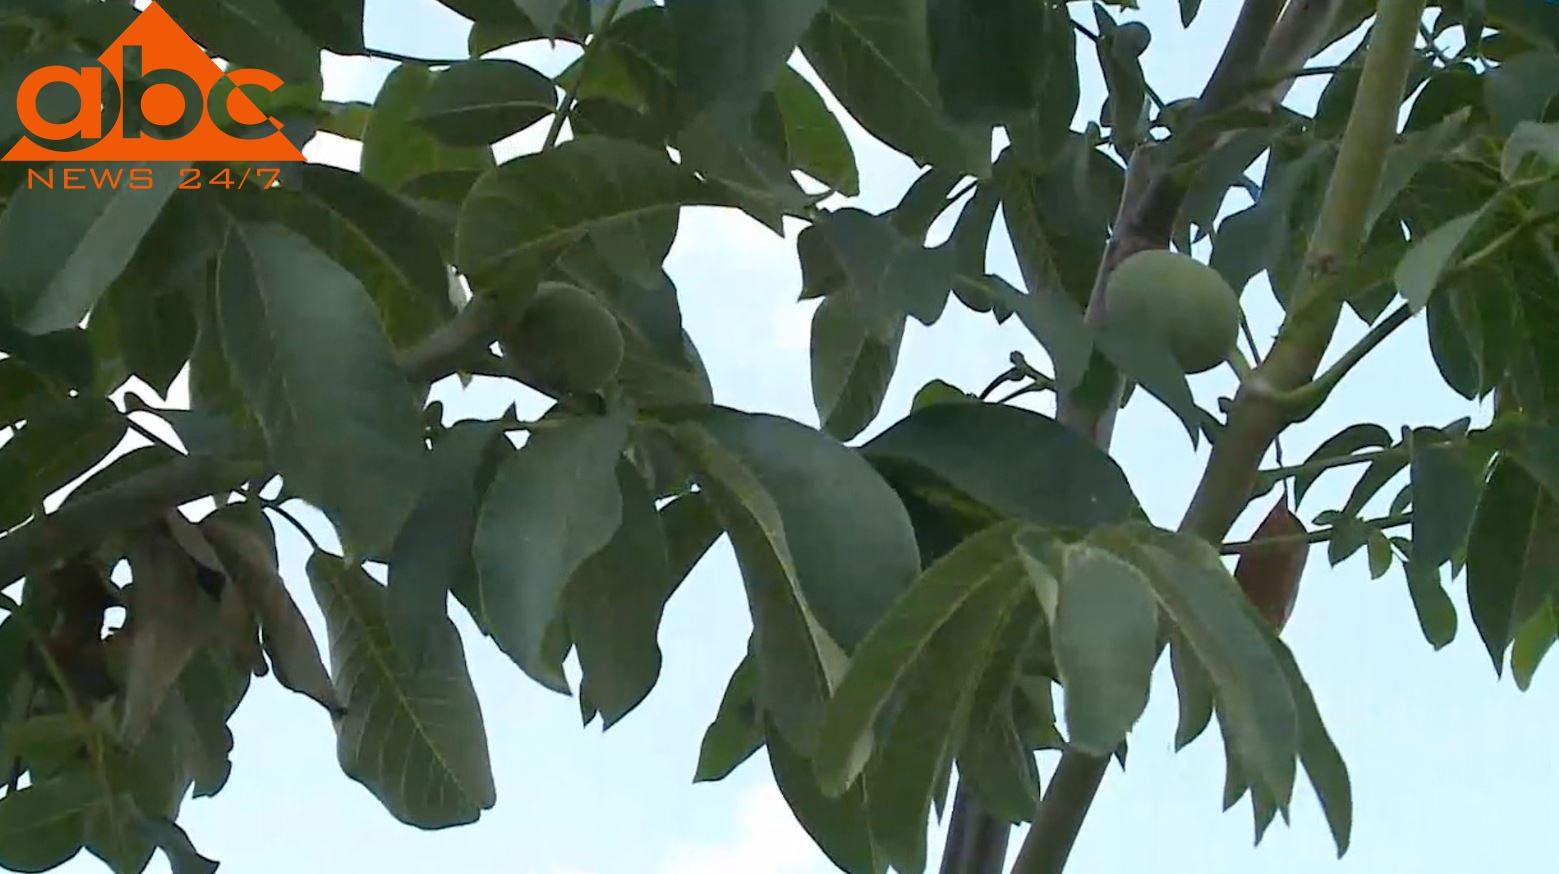 Korçë, fshatarët e Dvoranit shkulin mollët dhe mbjellin arrat turke